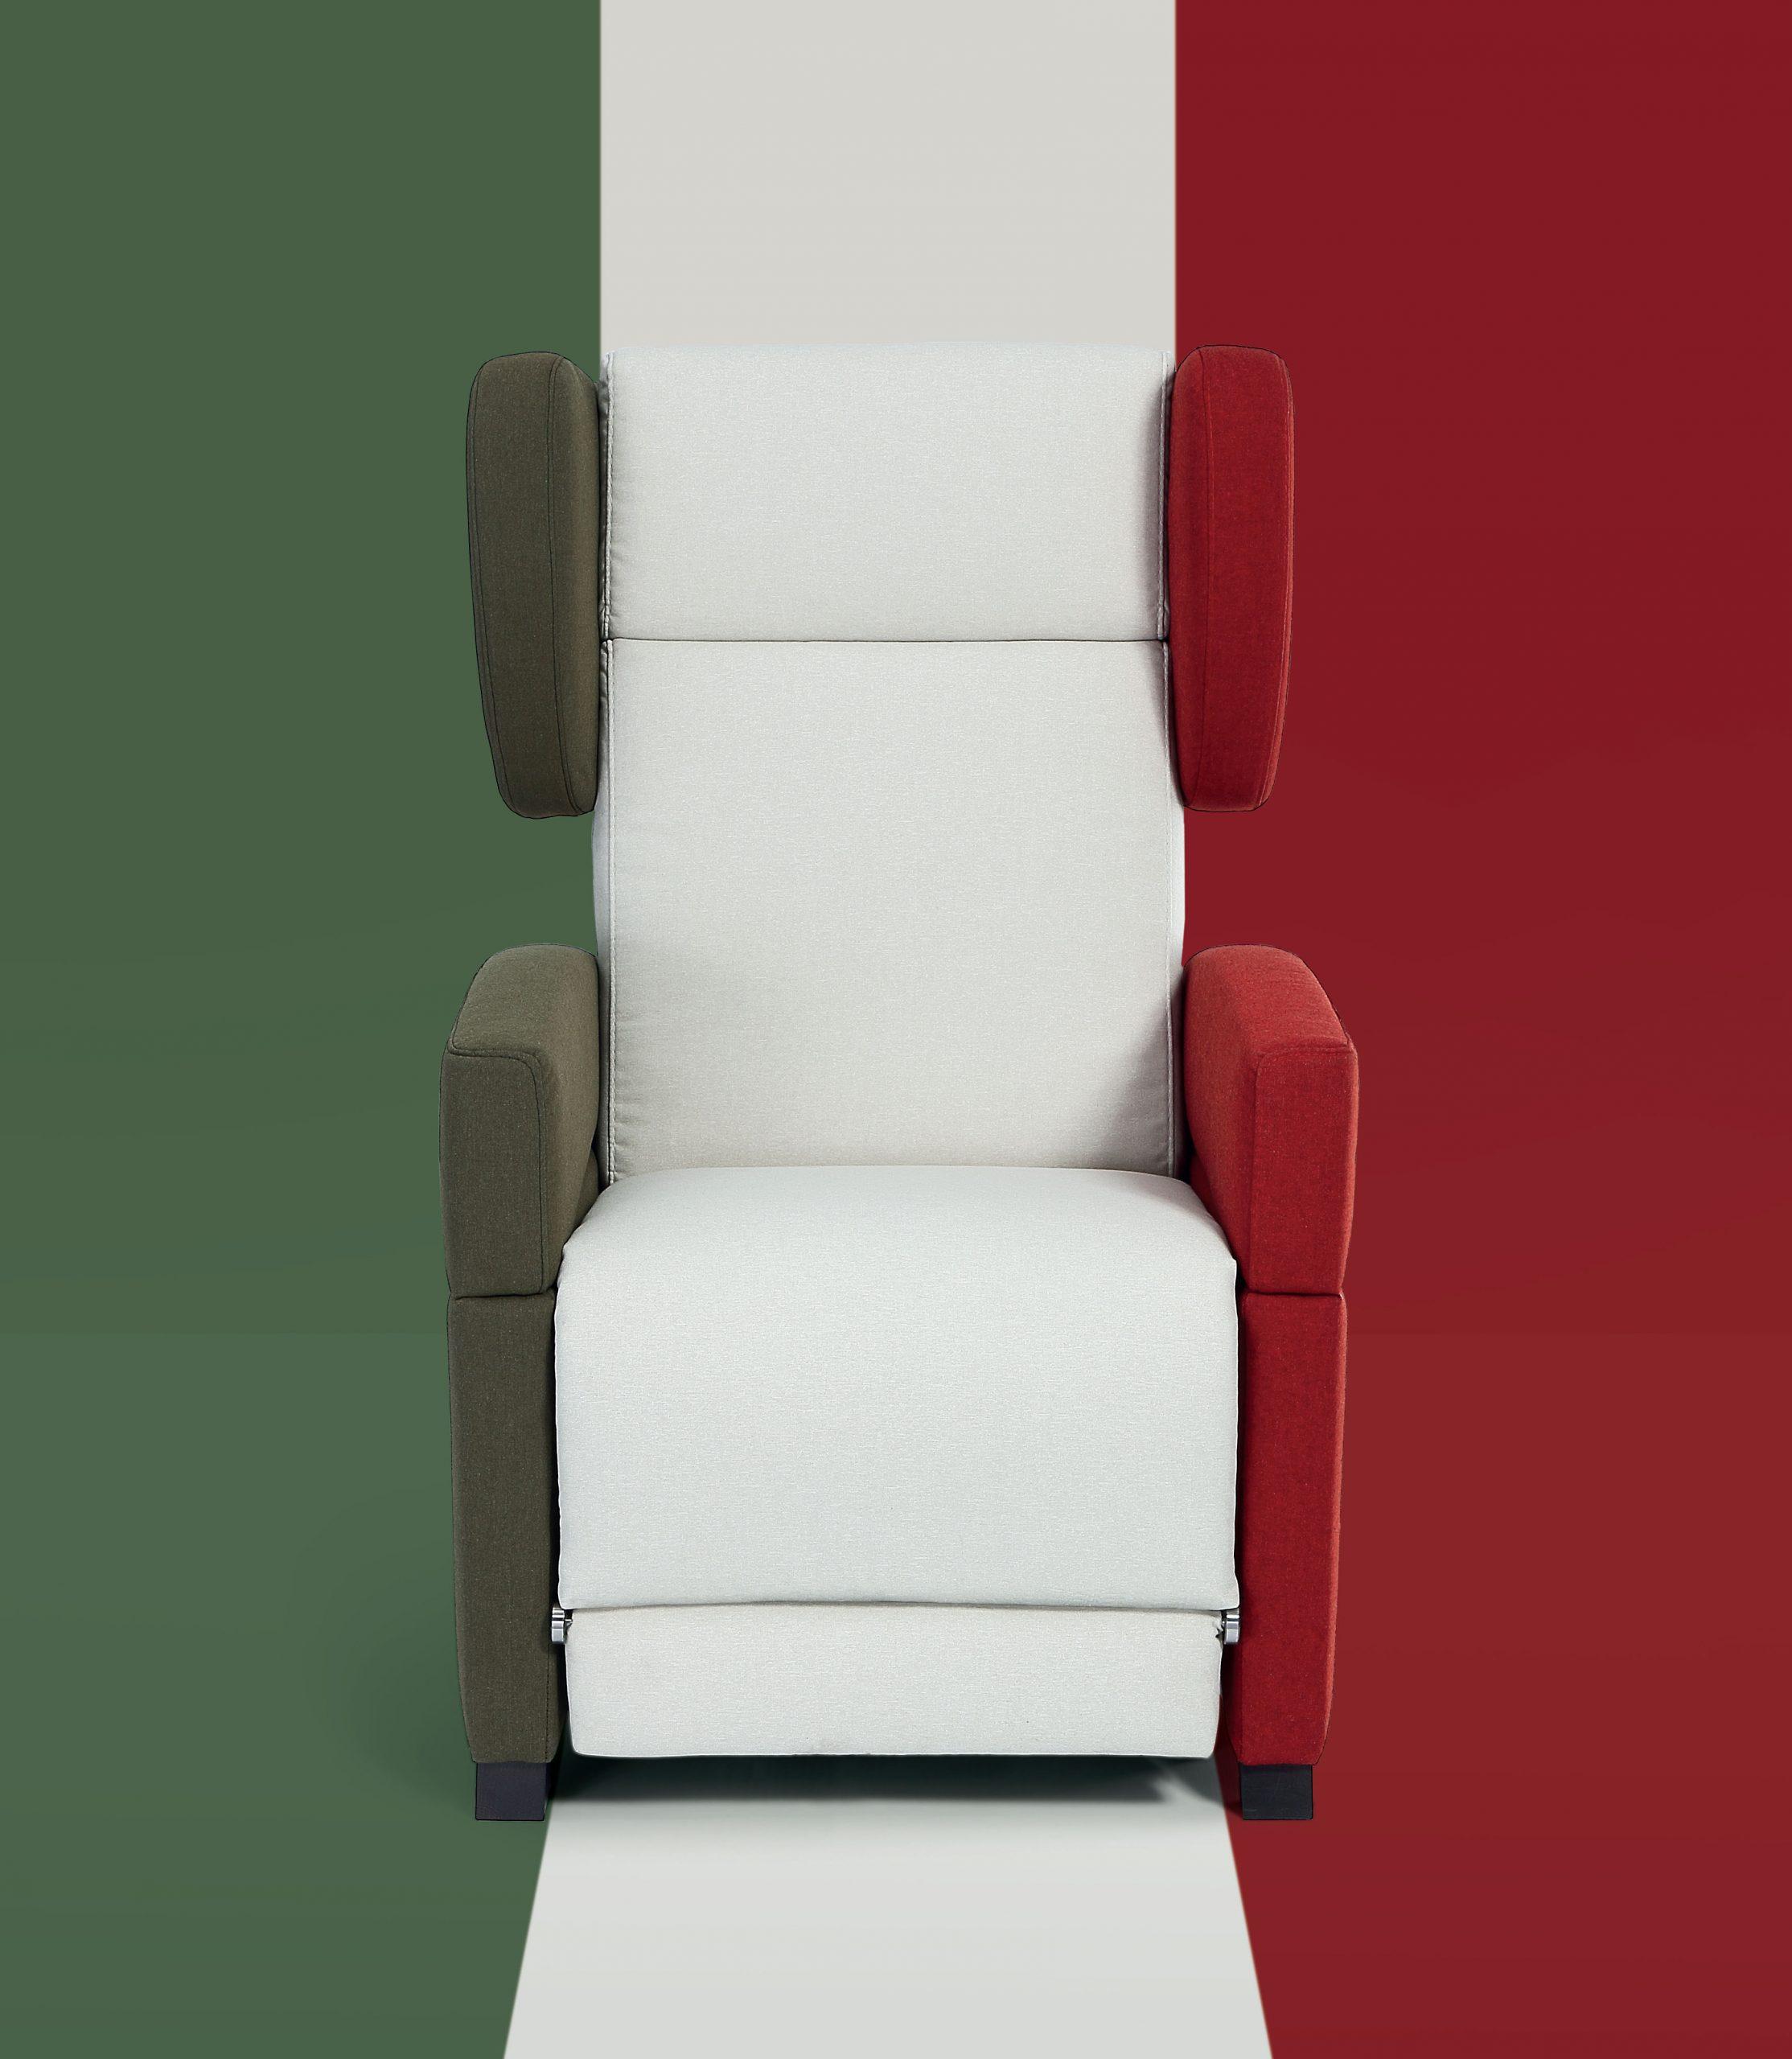 poltrona italia